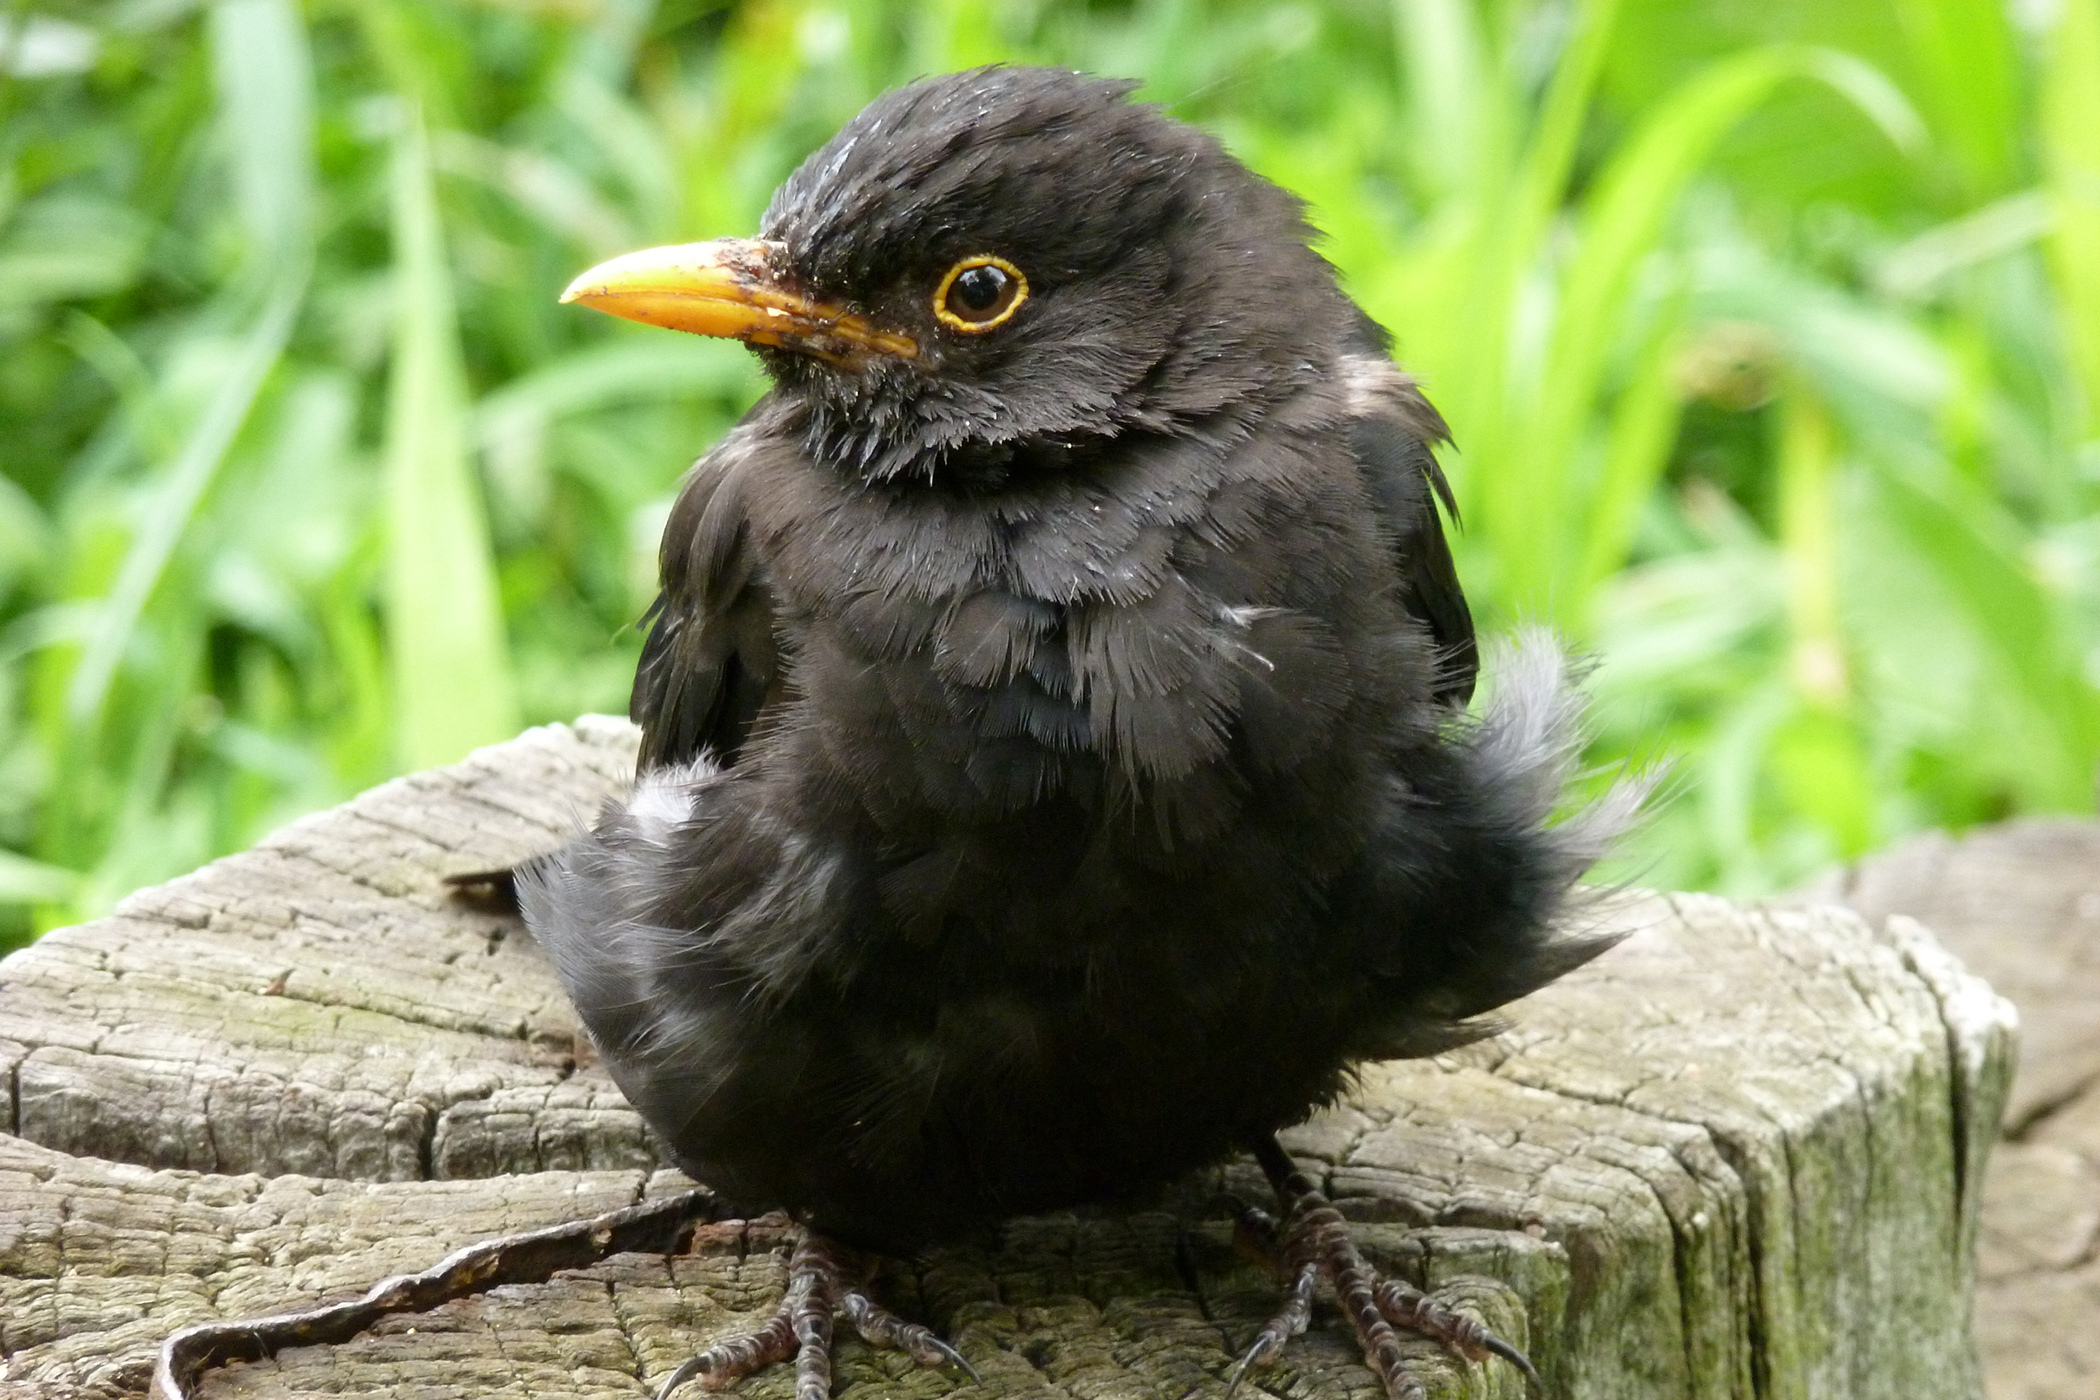 Beak Deformities in Birds